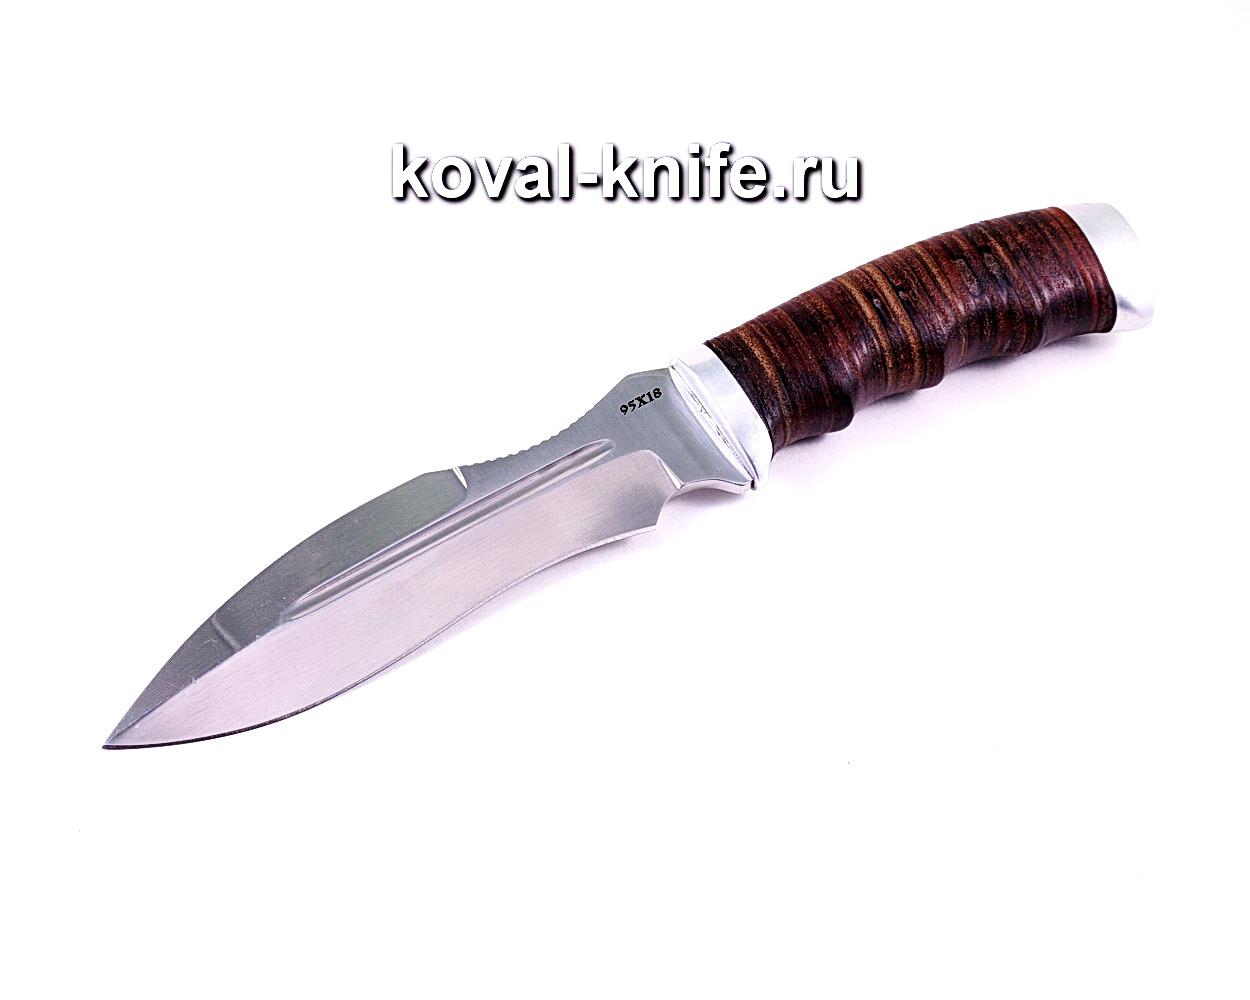 Нож Каратель (сталь 95х18), рукоять кожа A120